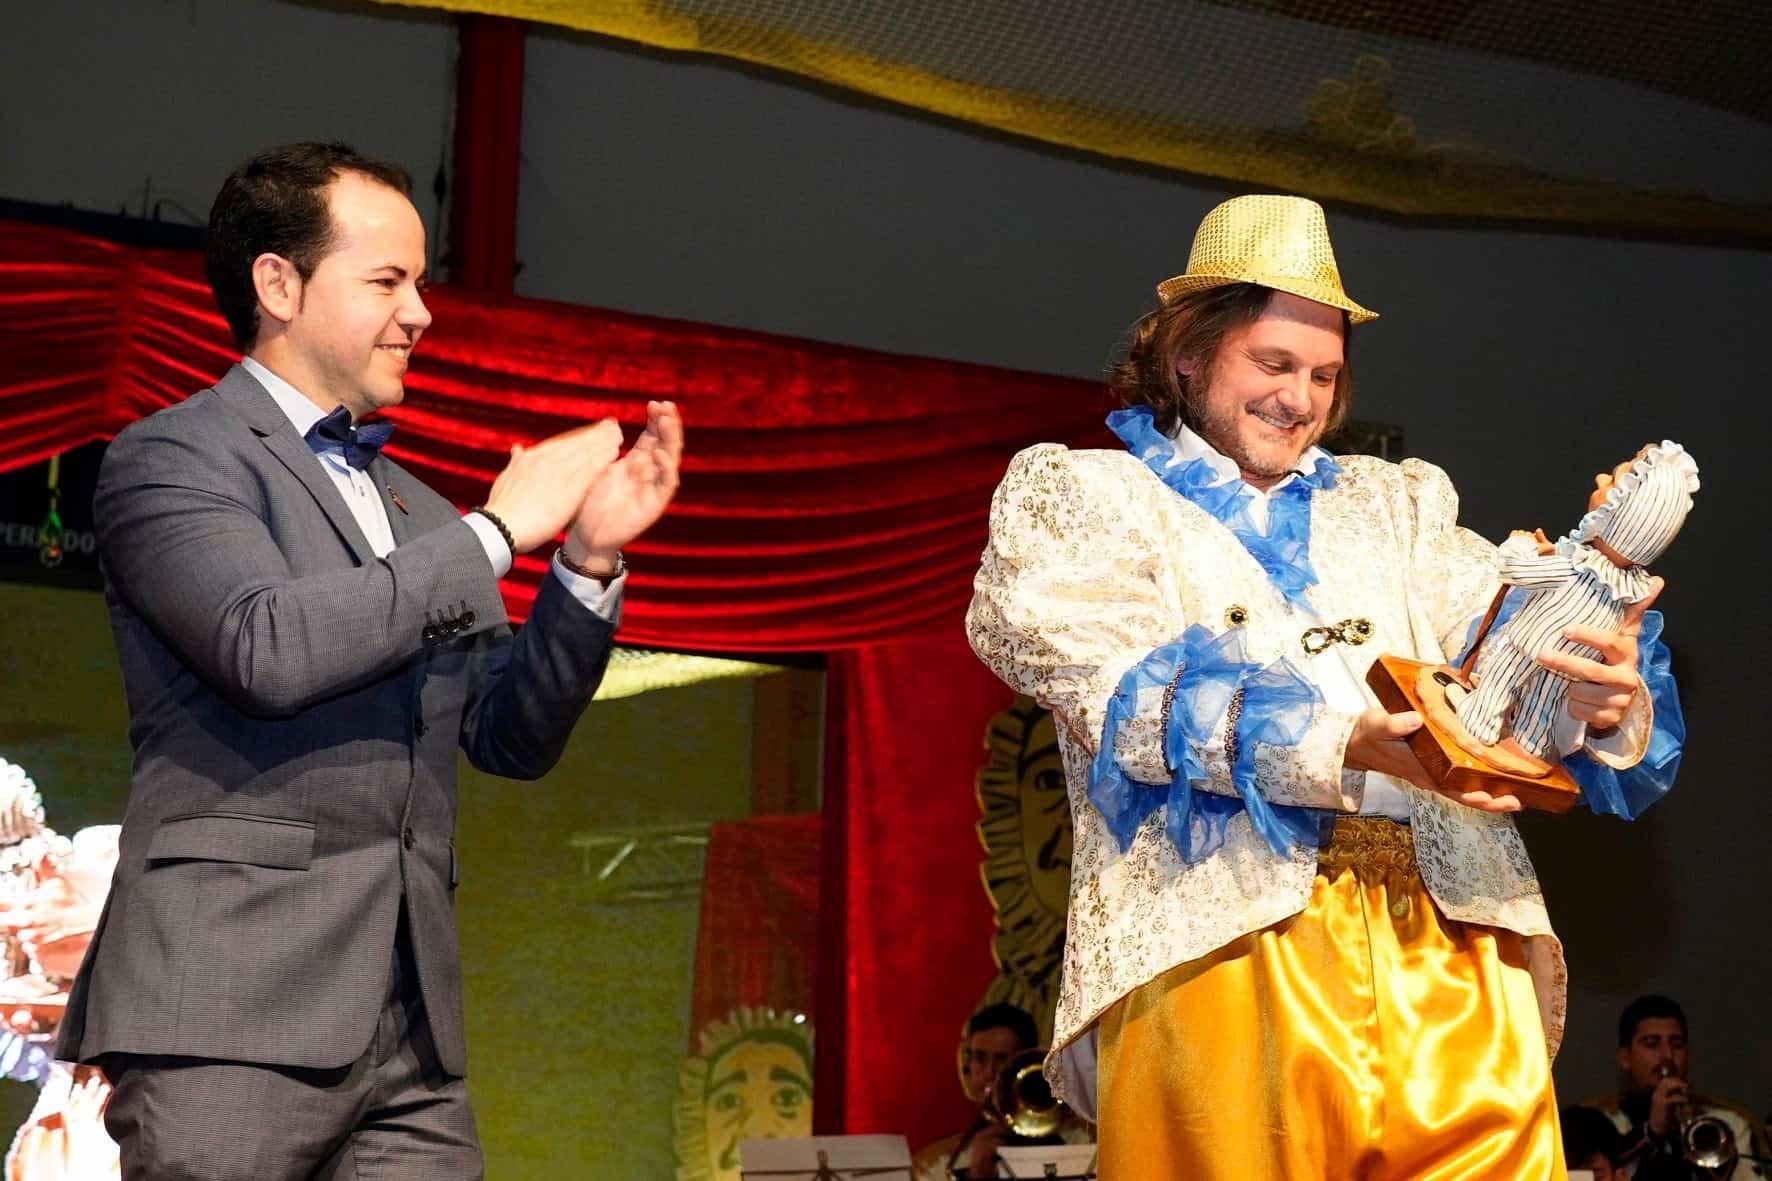 inauguracion carnaval 2020 herencia 37 - Inauguración del Carnaval de Herencia 2020